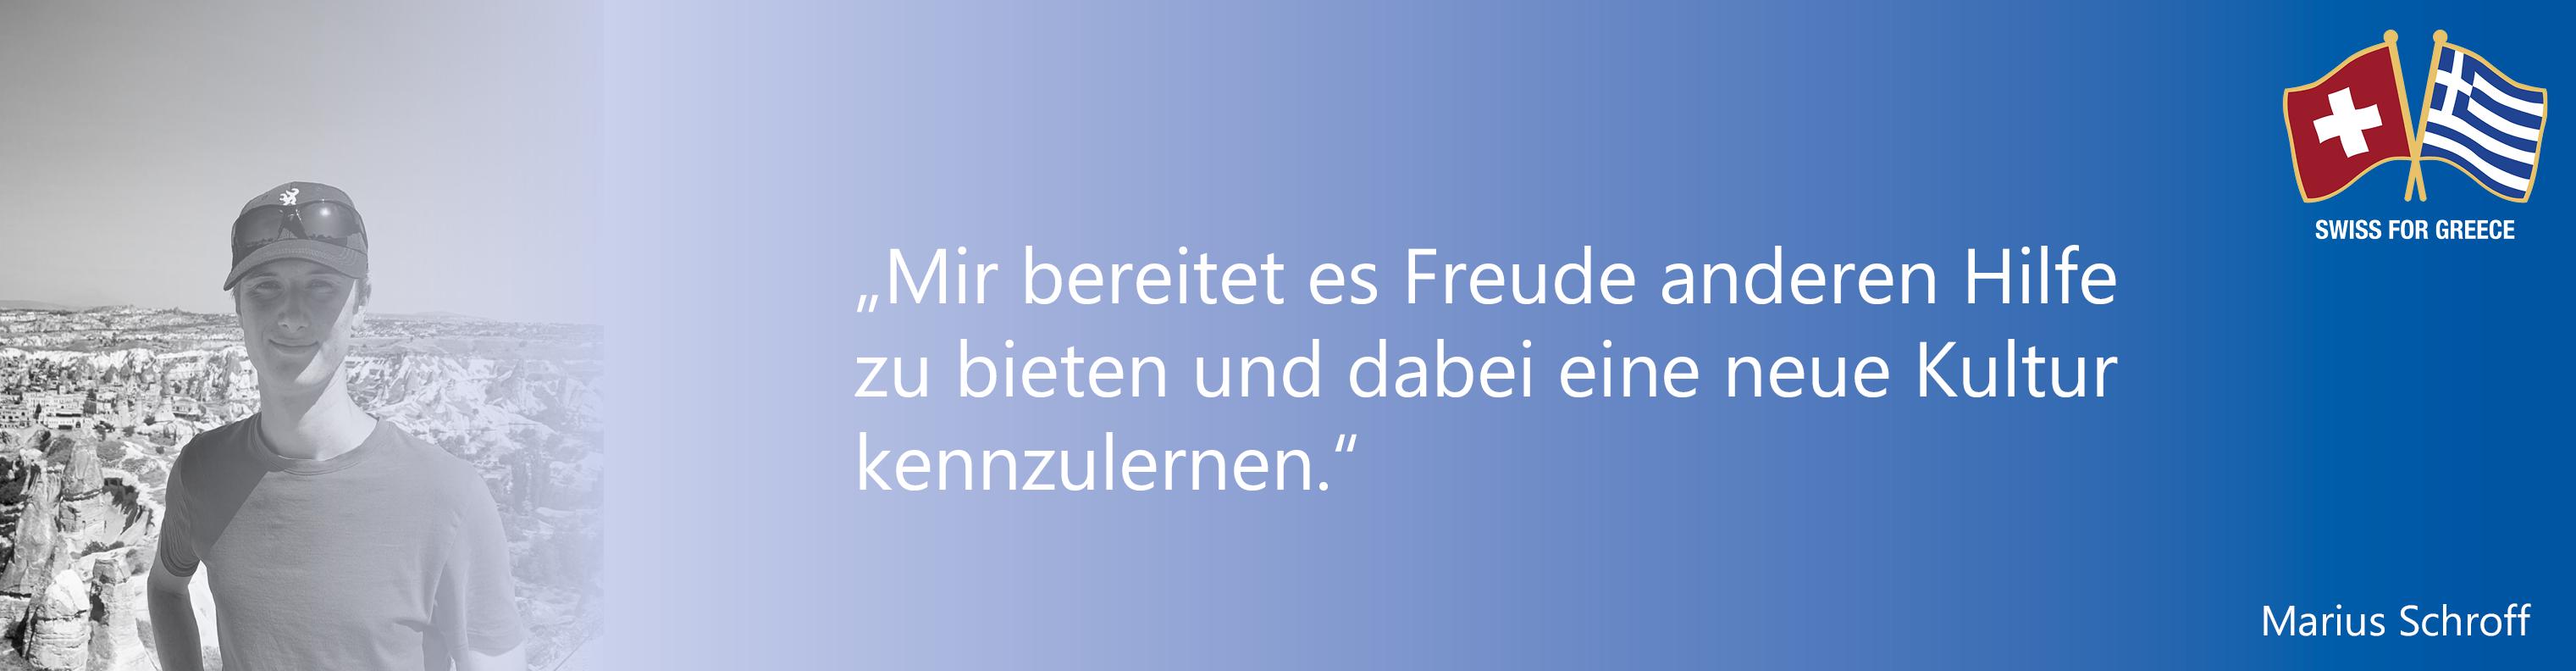 Marius Schroff